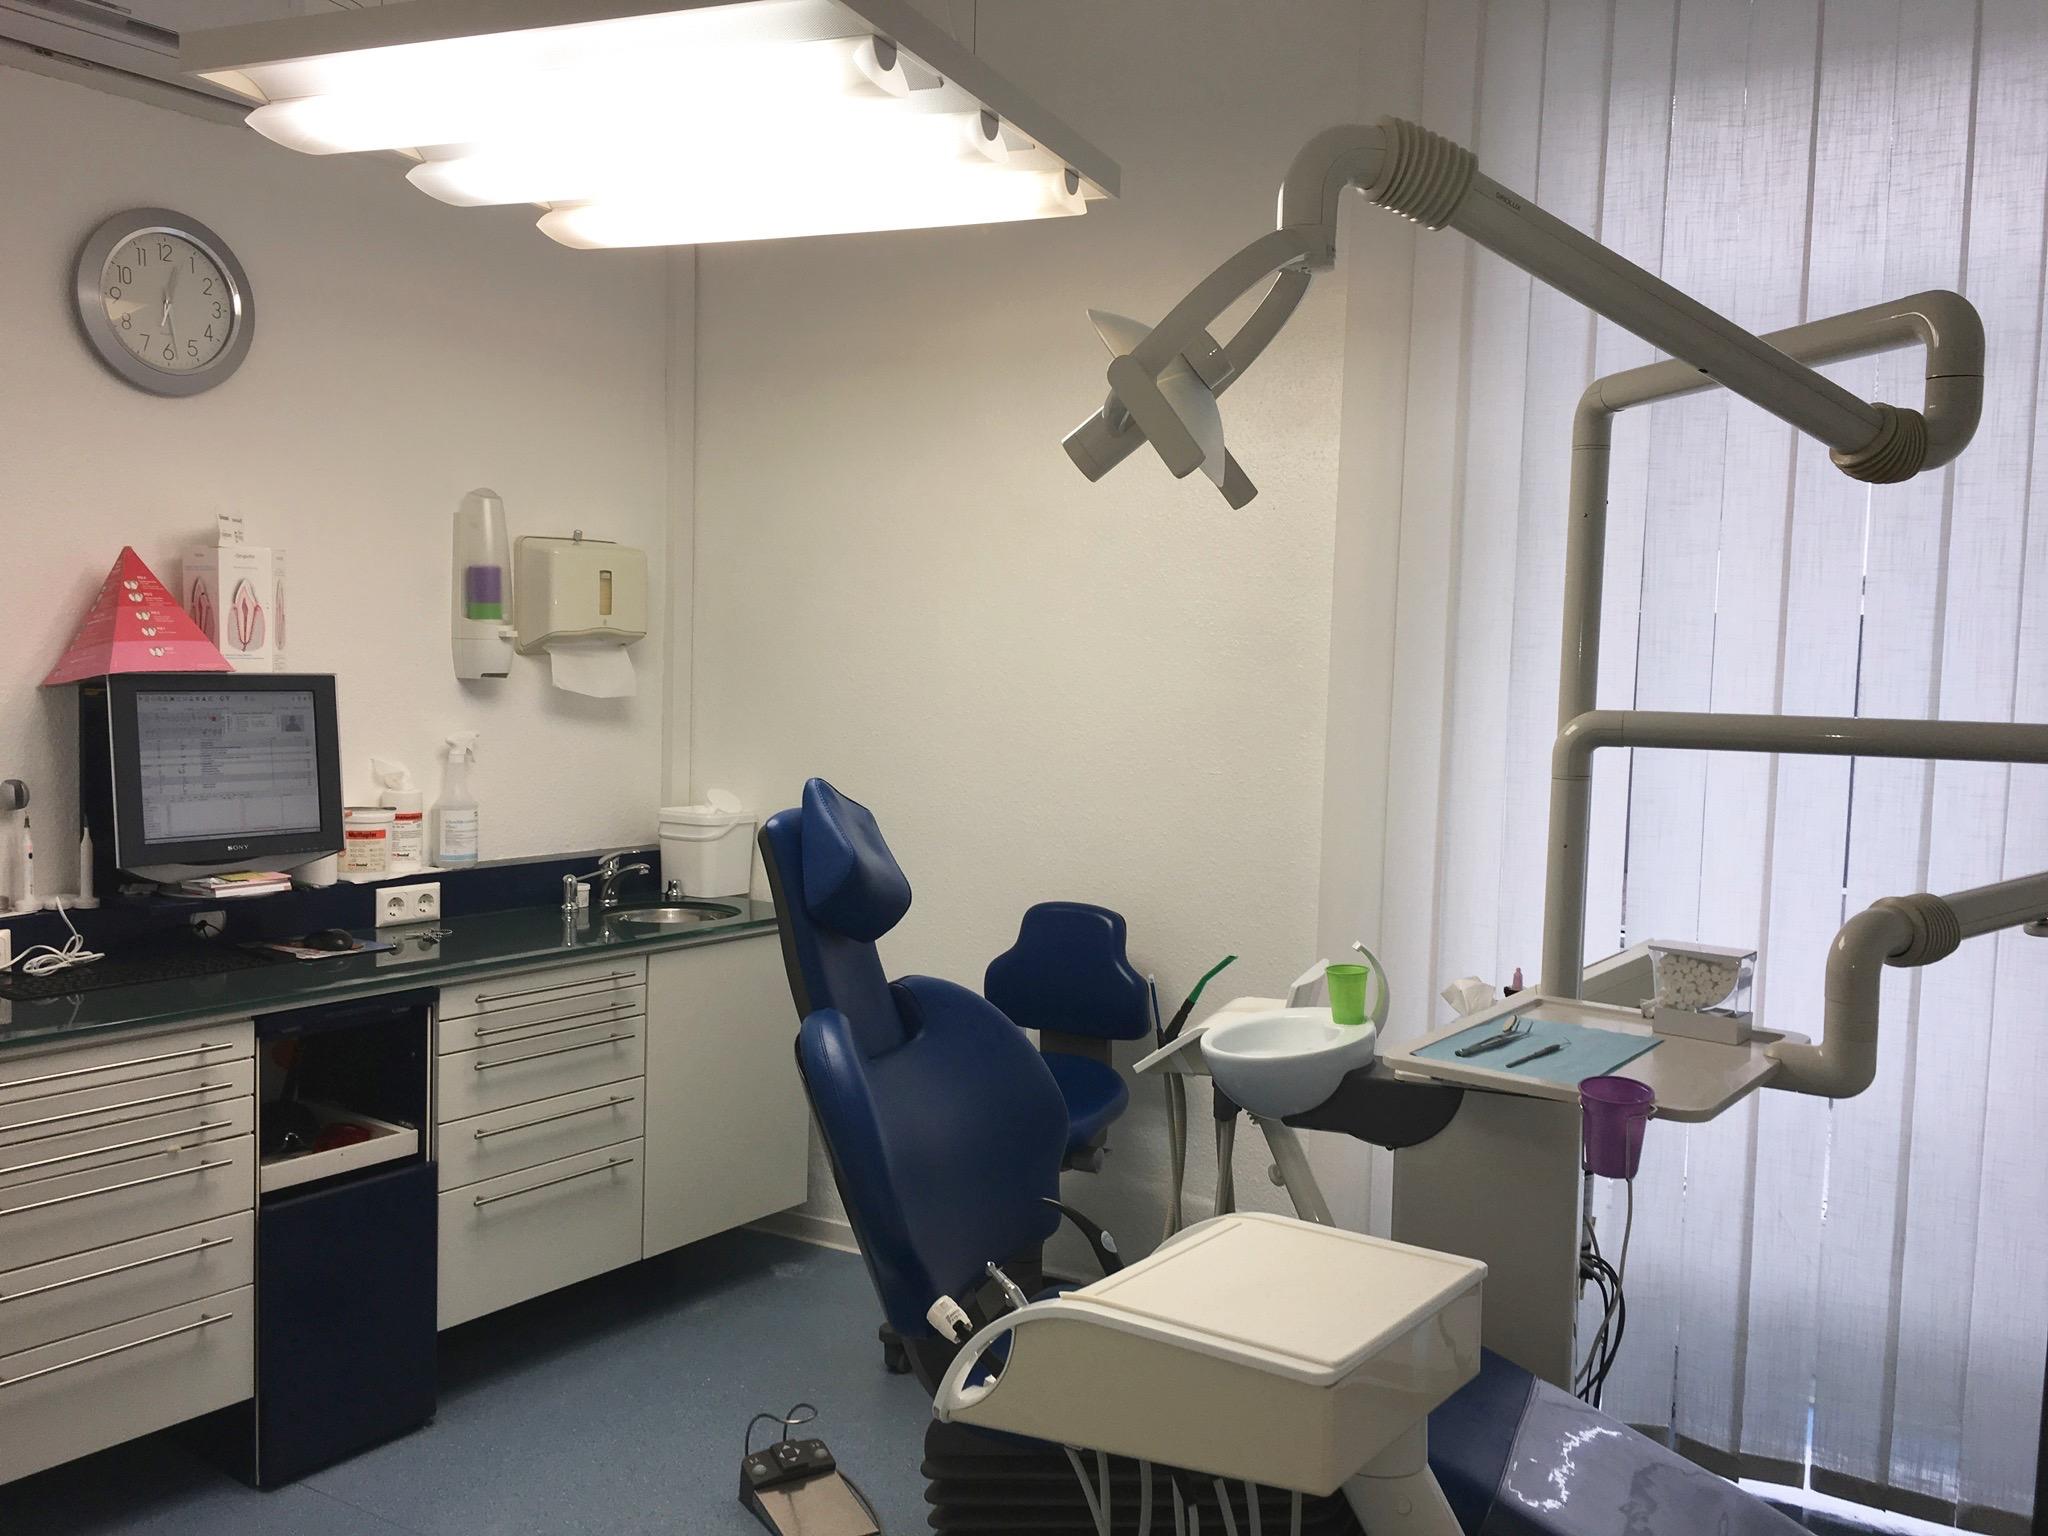 Behandlungszimmer 1 - praxis eisenberg